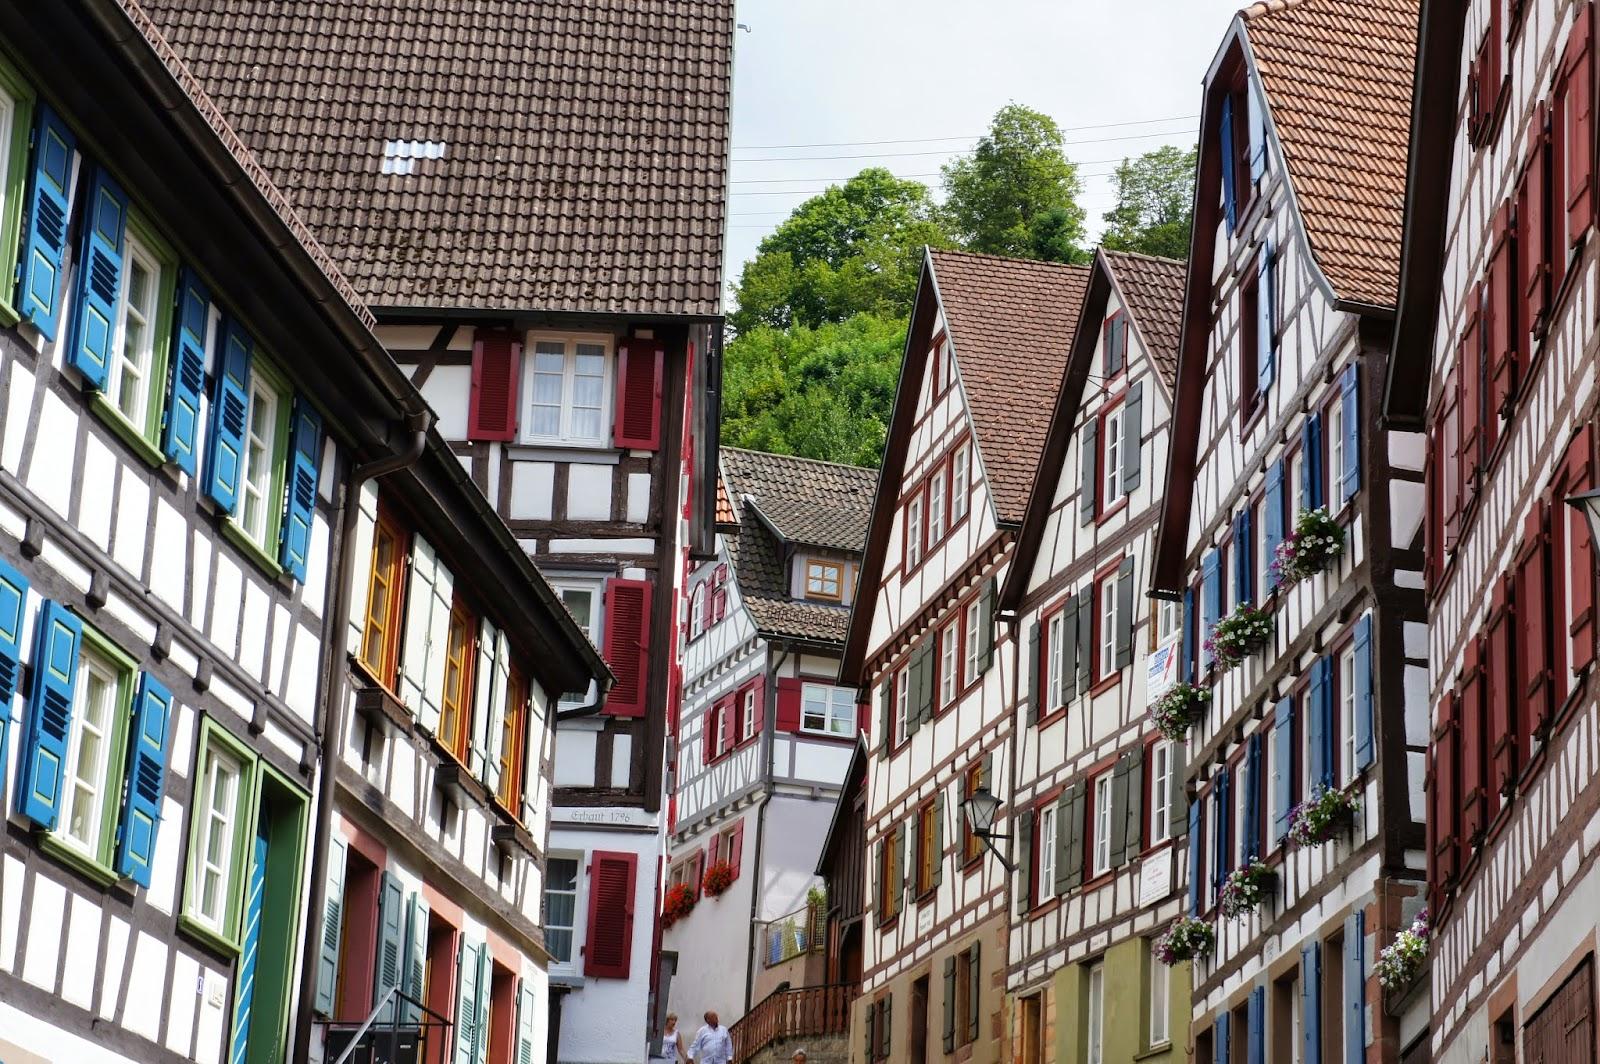 Casas típicas en Schiltach. Selva Negra